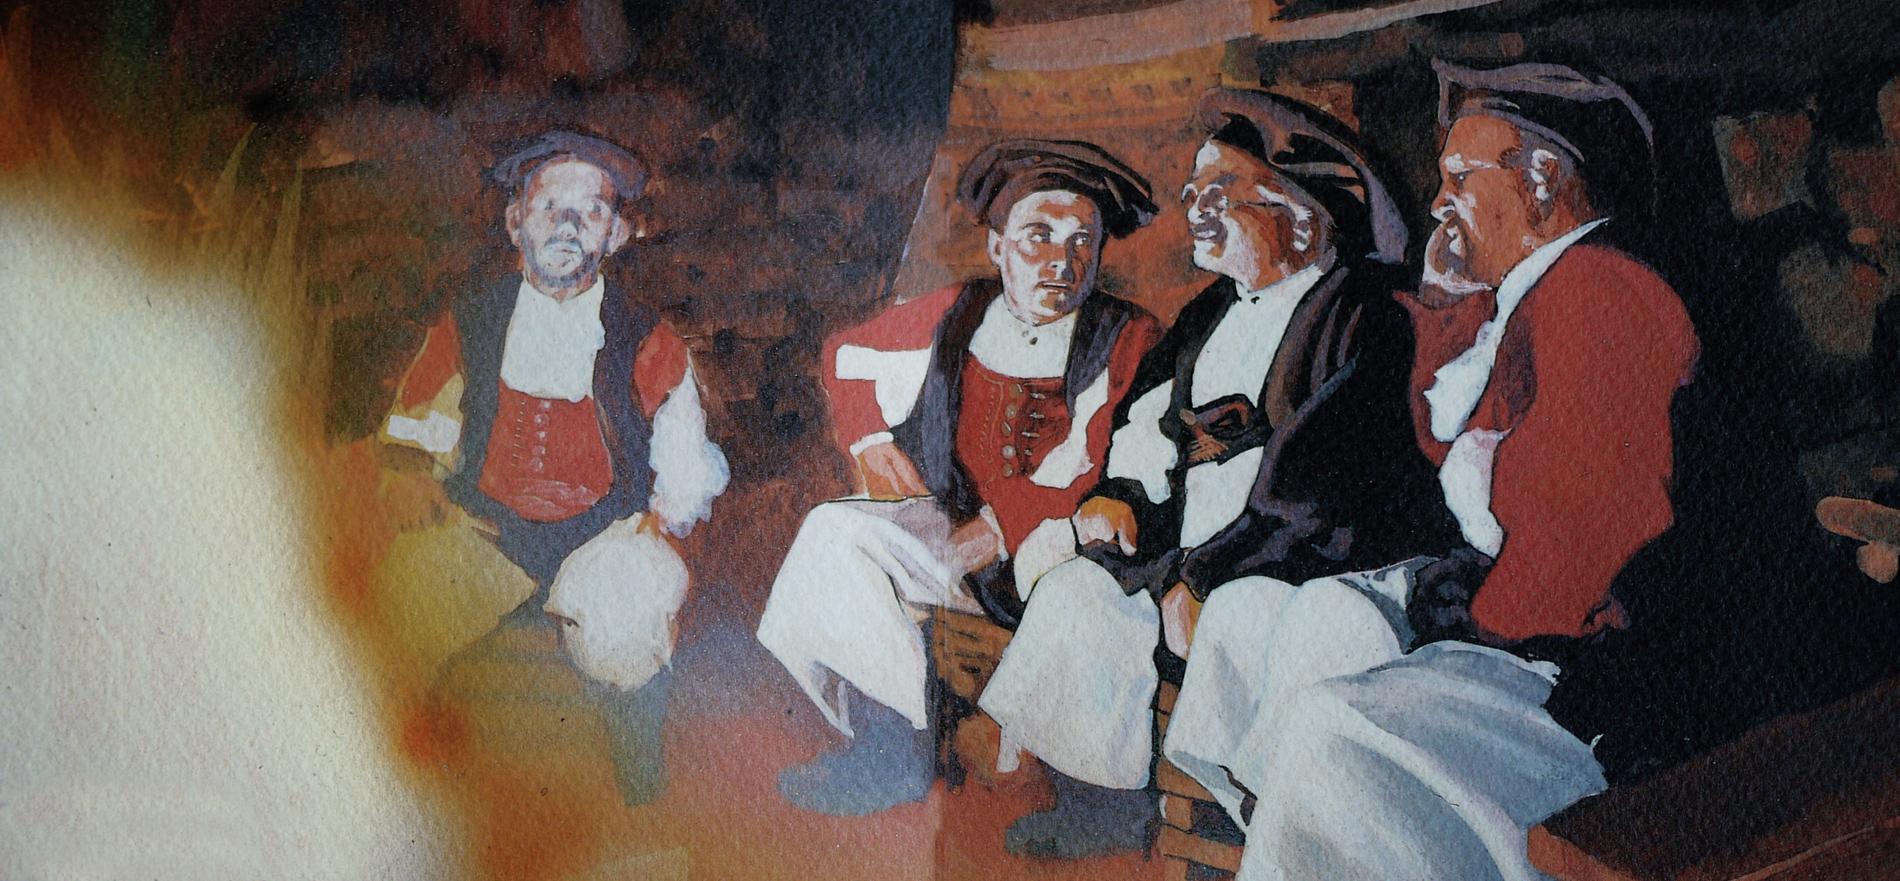 tenores ogliastra illustrazione 1991